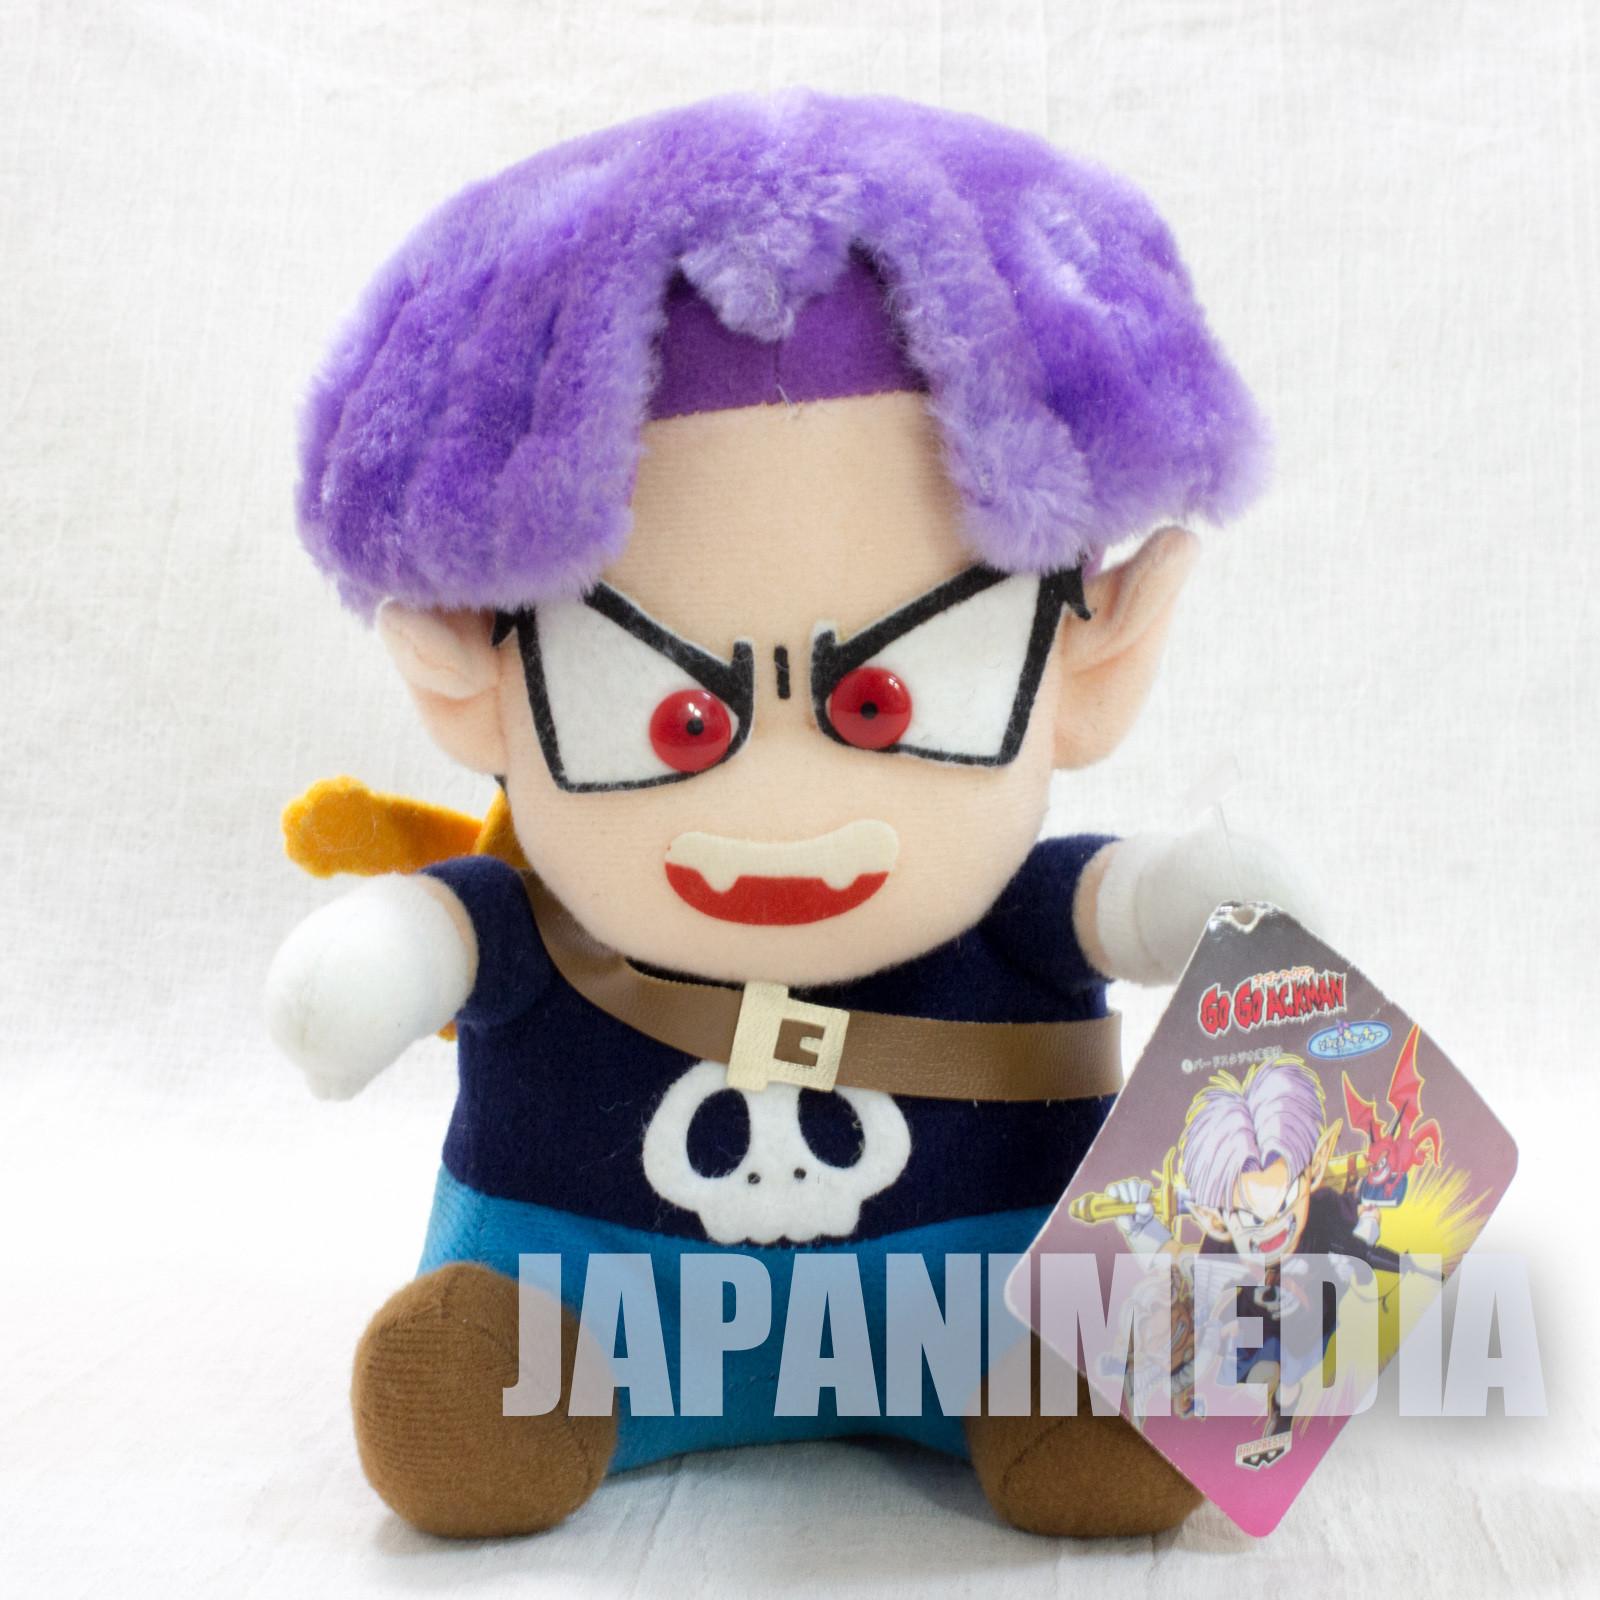 Go! Go! Ackman ACKMAN Plush Doll V-JUMP Toriyama Akira JAPAN ANIME MANGA